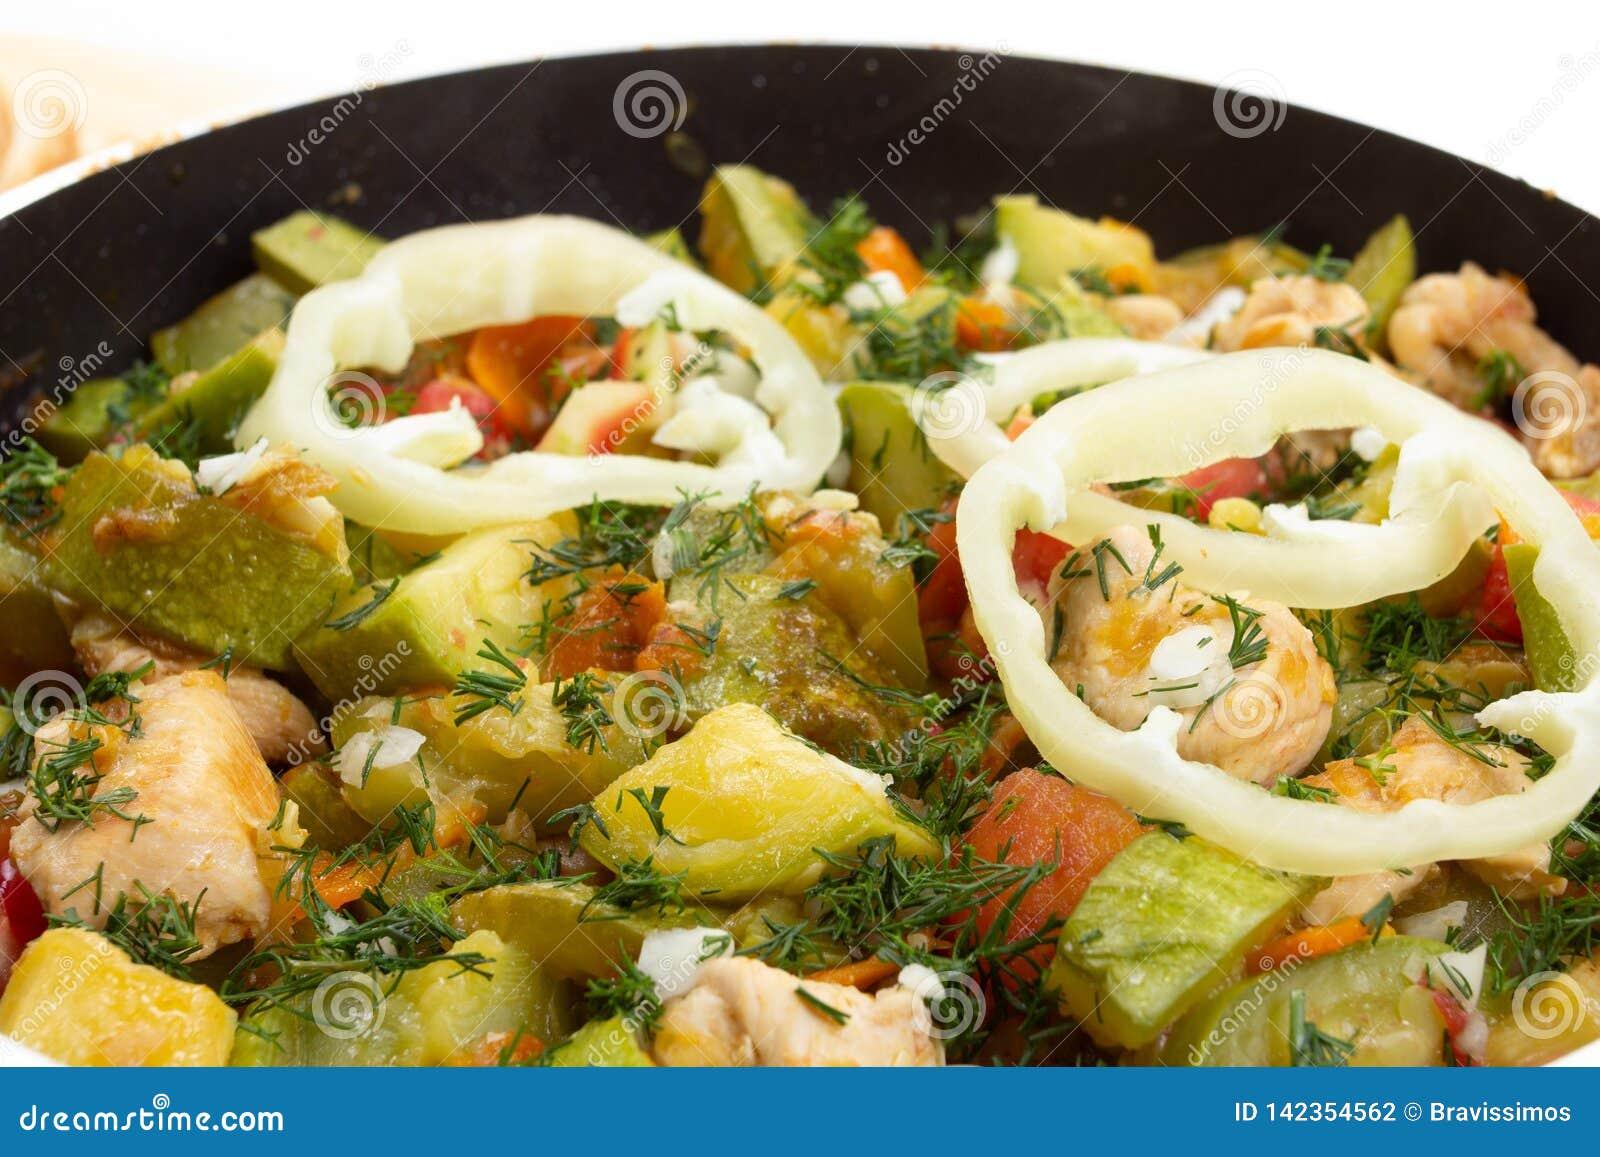 Kurczak marchewka i zucchini na niecki jarzynowym jedzeniu, gotuje